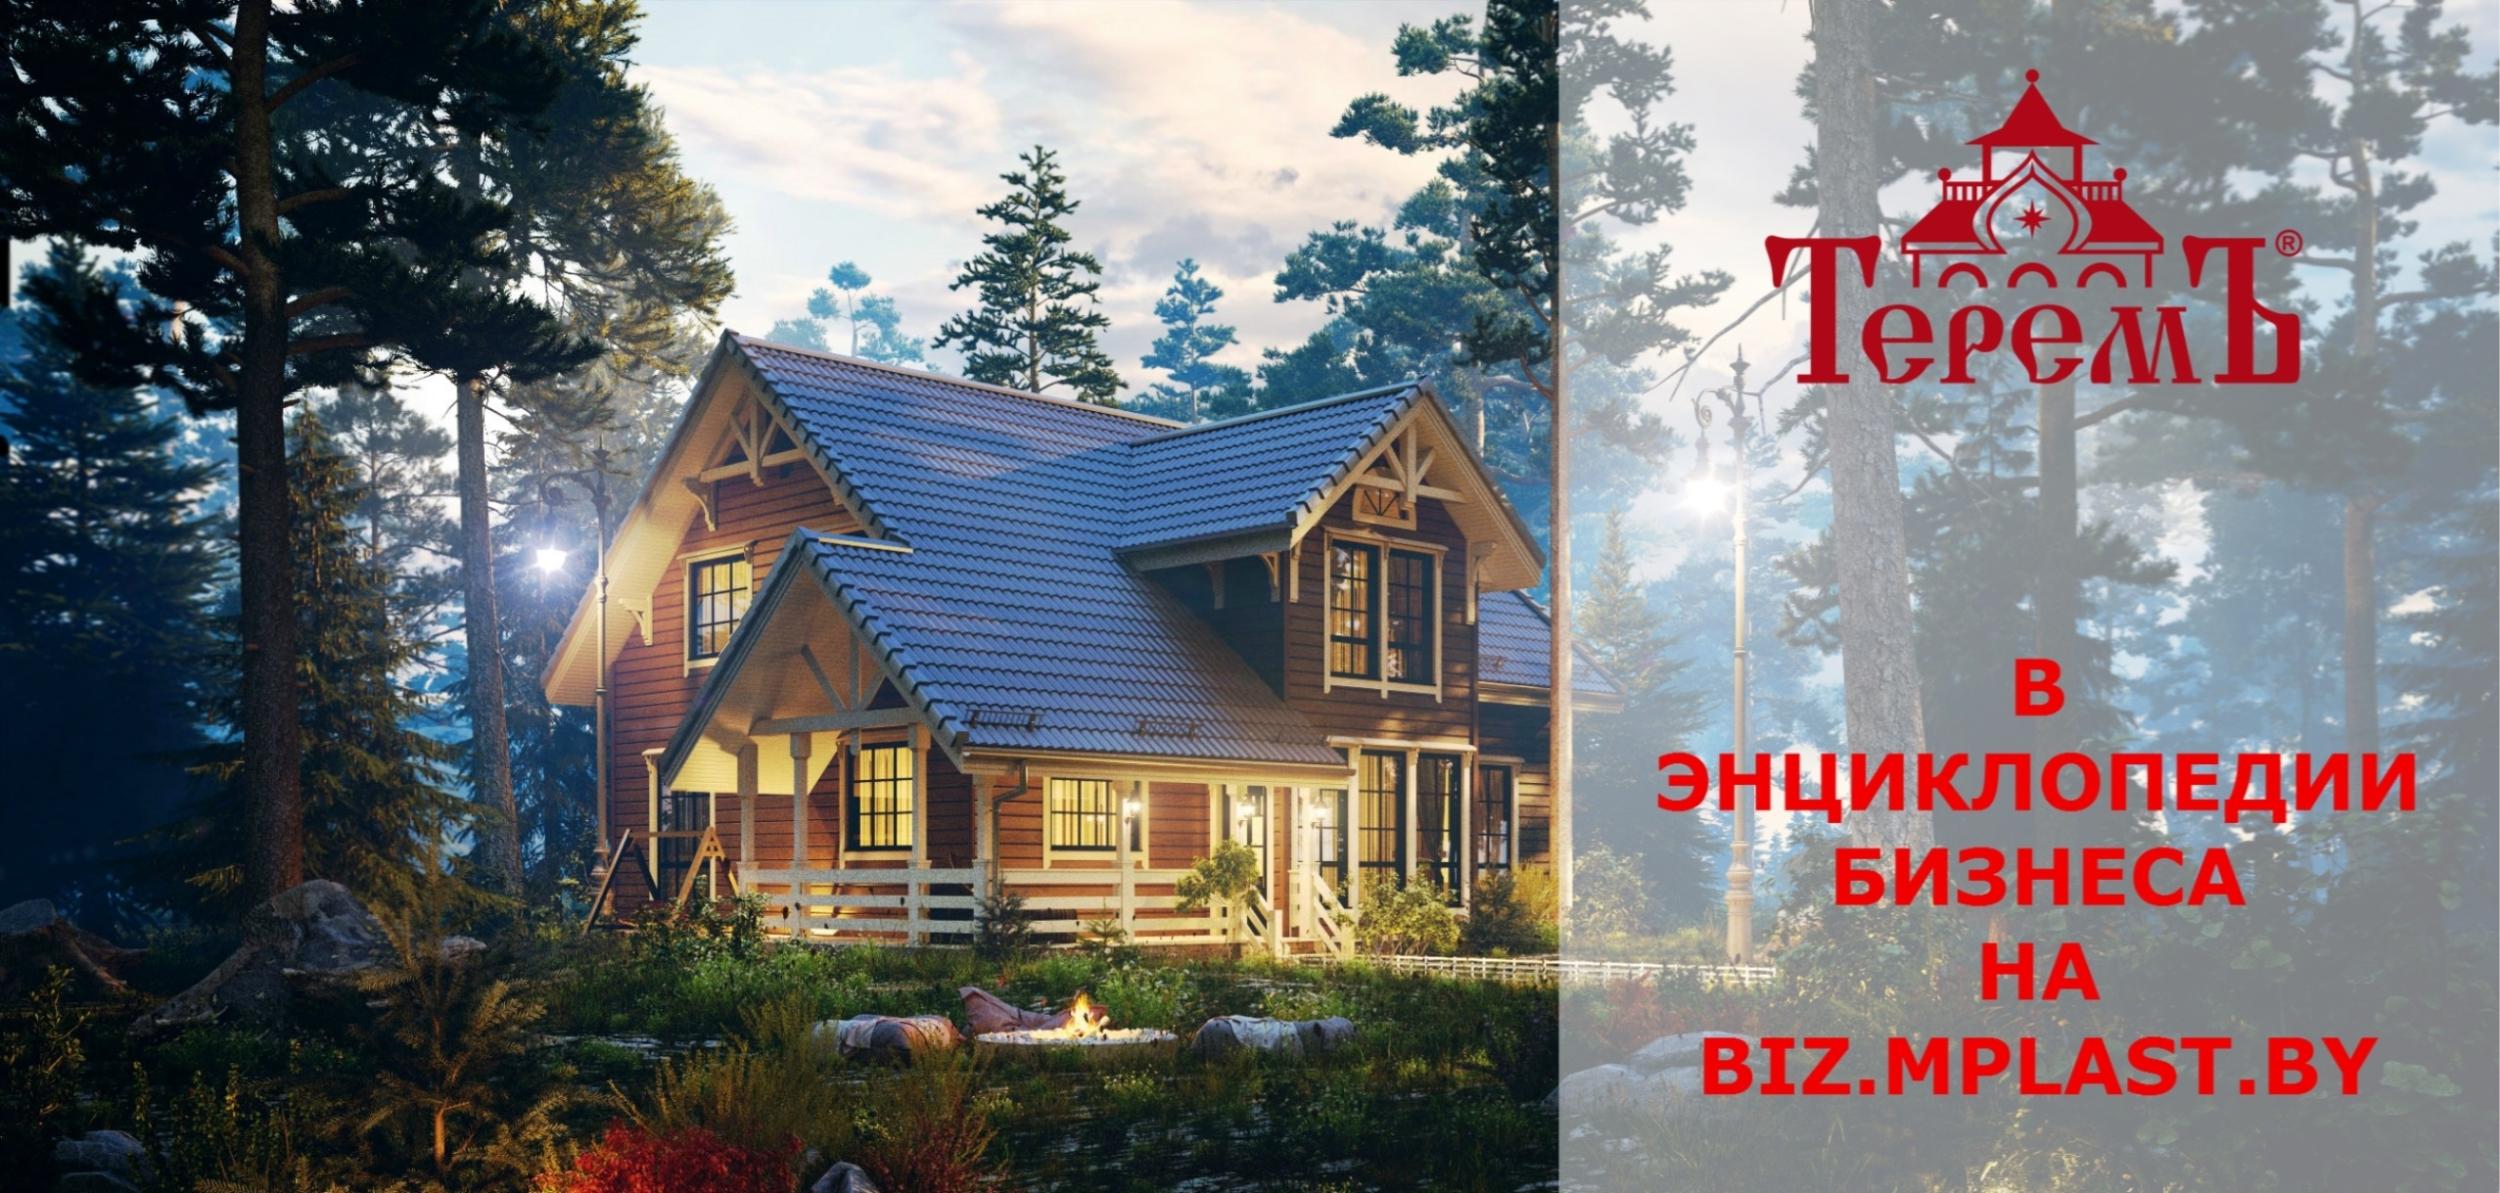 Теремъ – российская строительная компания, один из лидеров рынка и заметных игроков на рынке СНГ в области малоэтажного строительства из дерева. Подробности